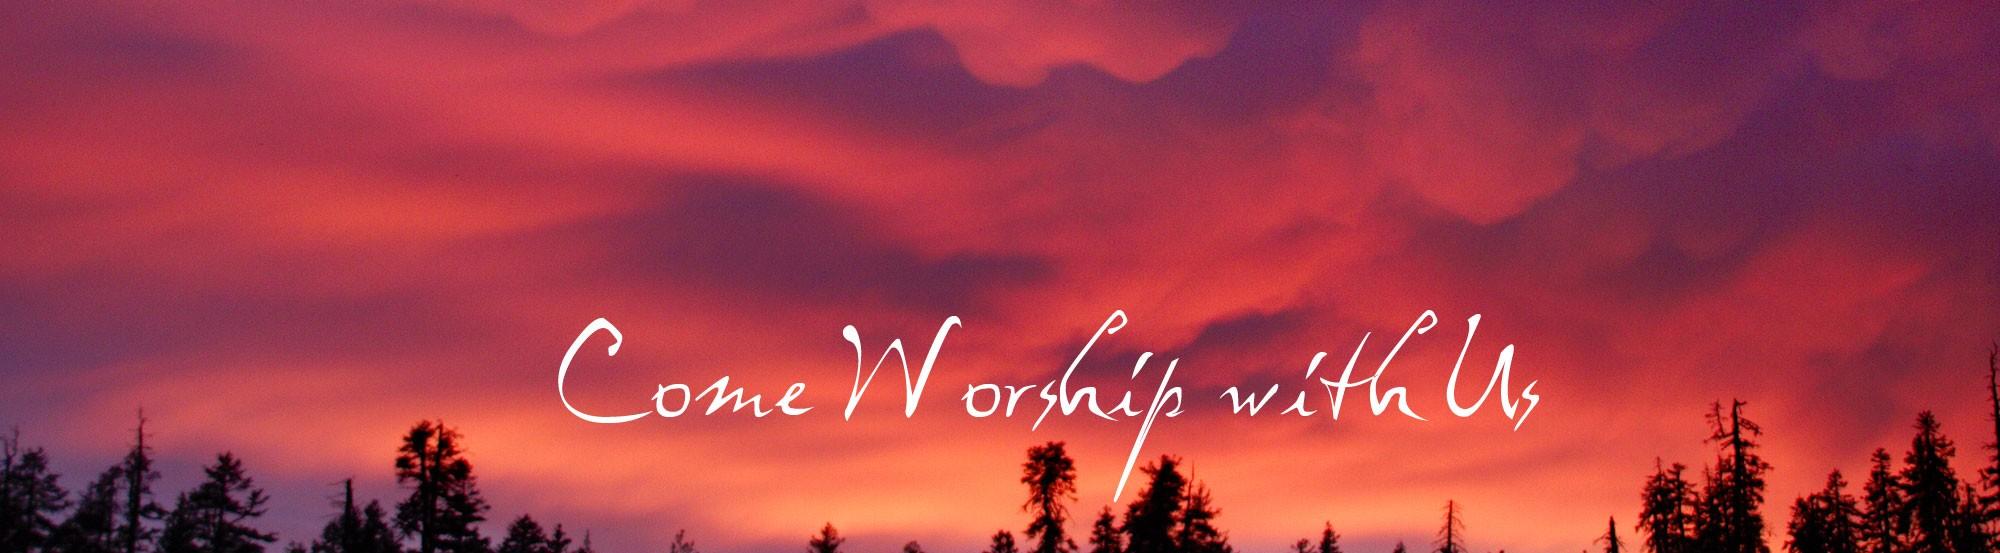 worshipwithus